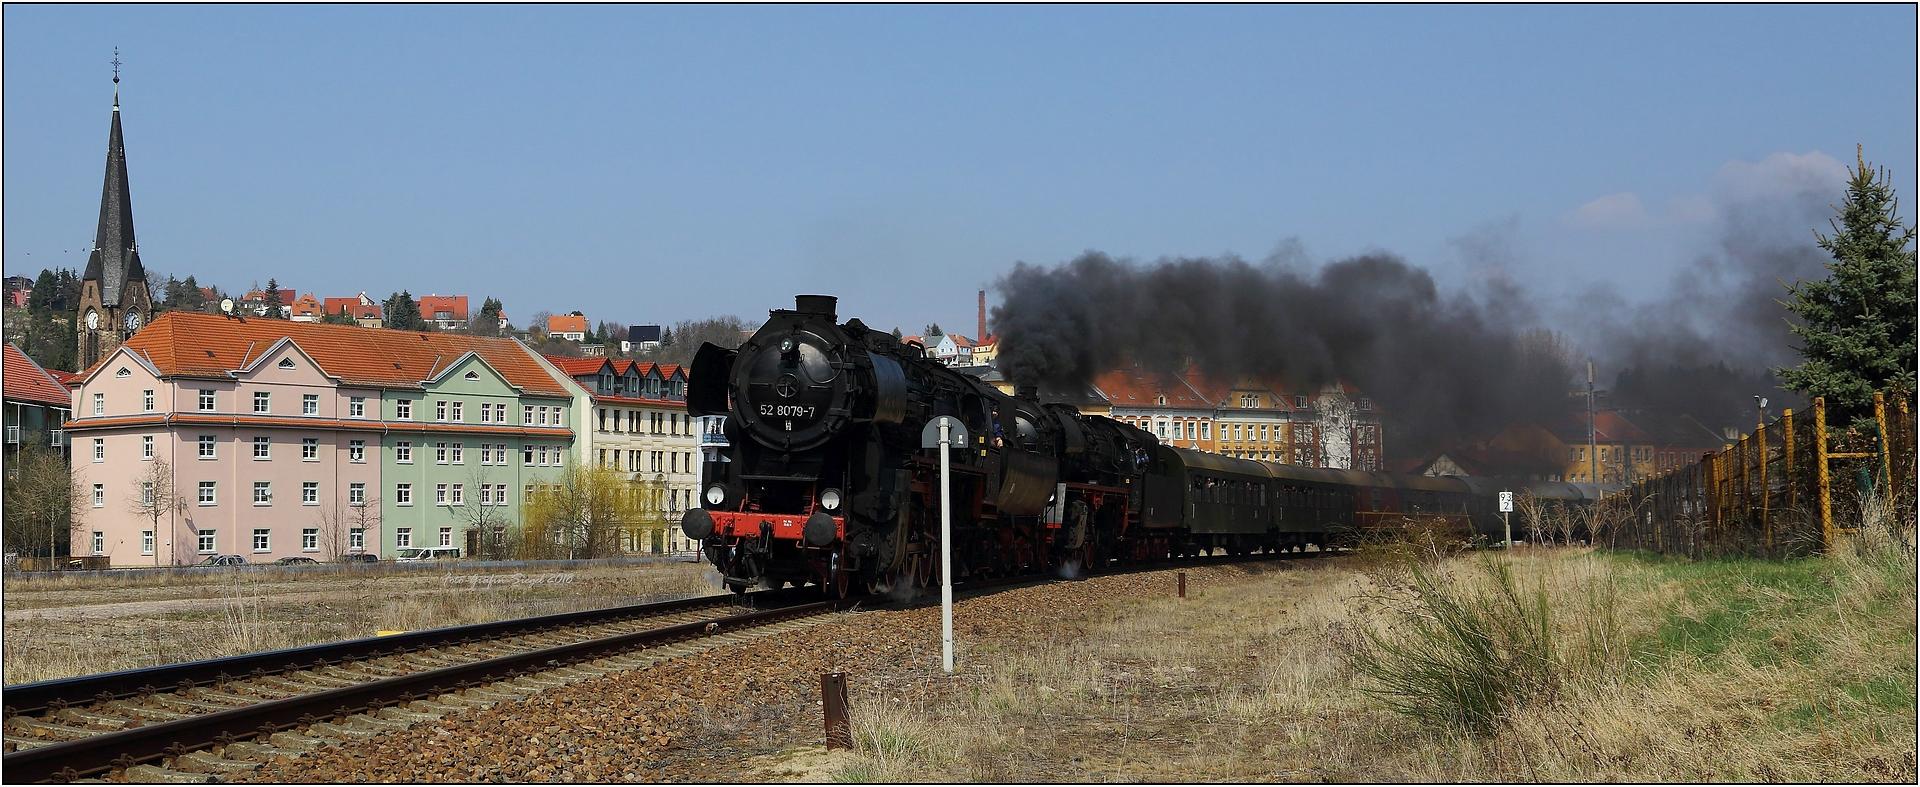 Dampfloktreffen Dresden 2018